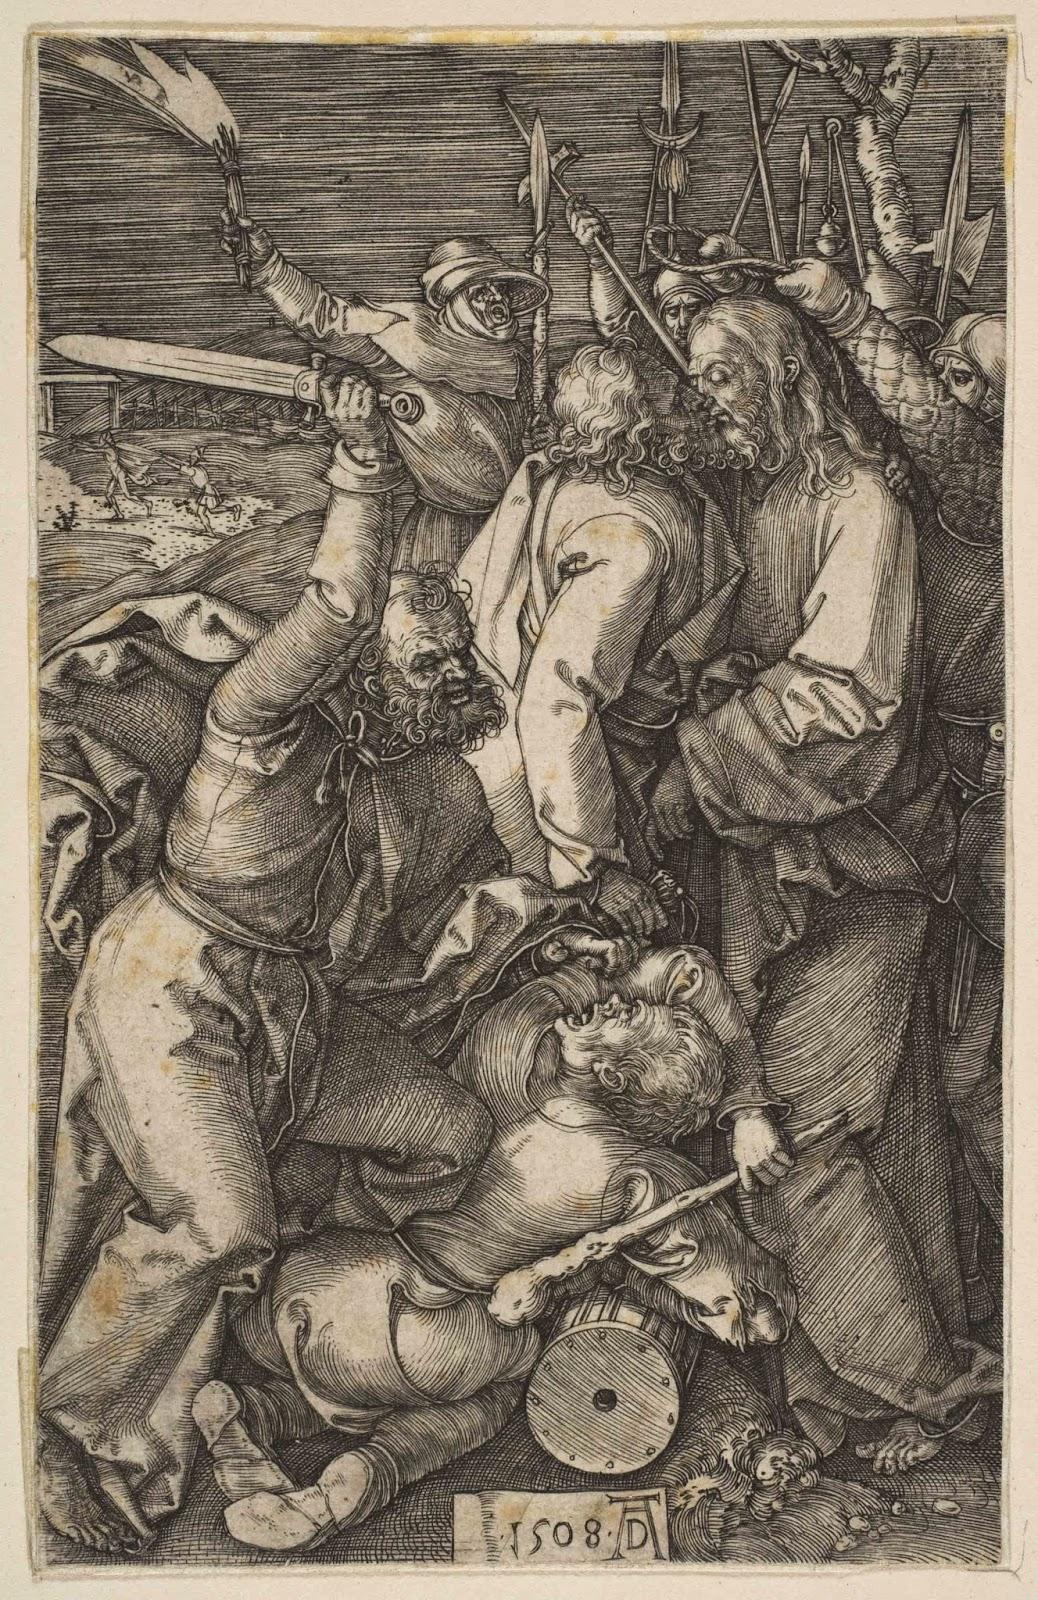 art artists albrecht d atilde frac rer part  1508 betrayal of christ from the passion engraving metropolitan museum of art new york